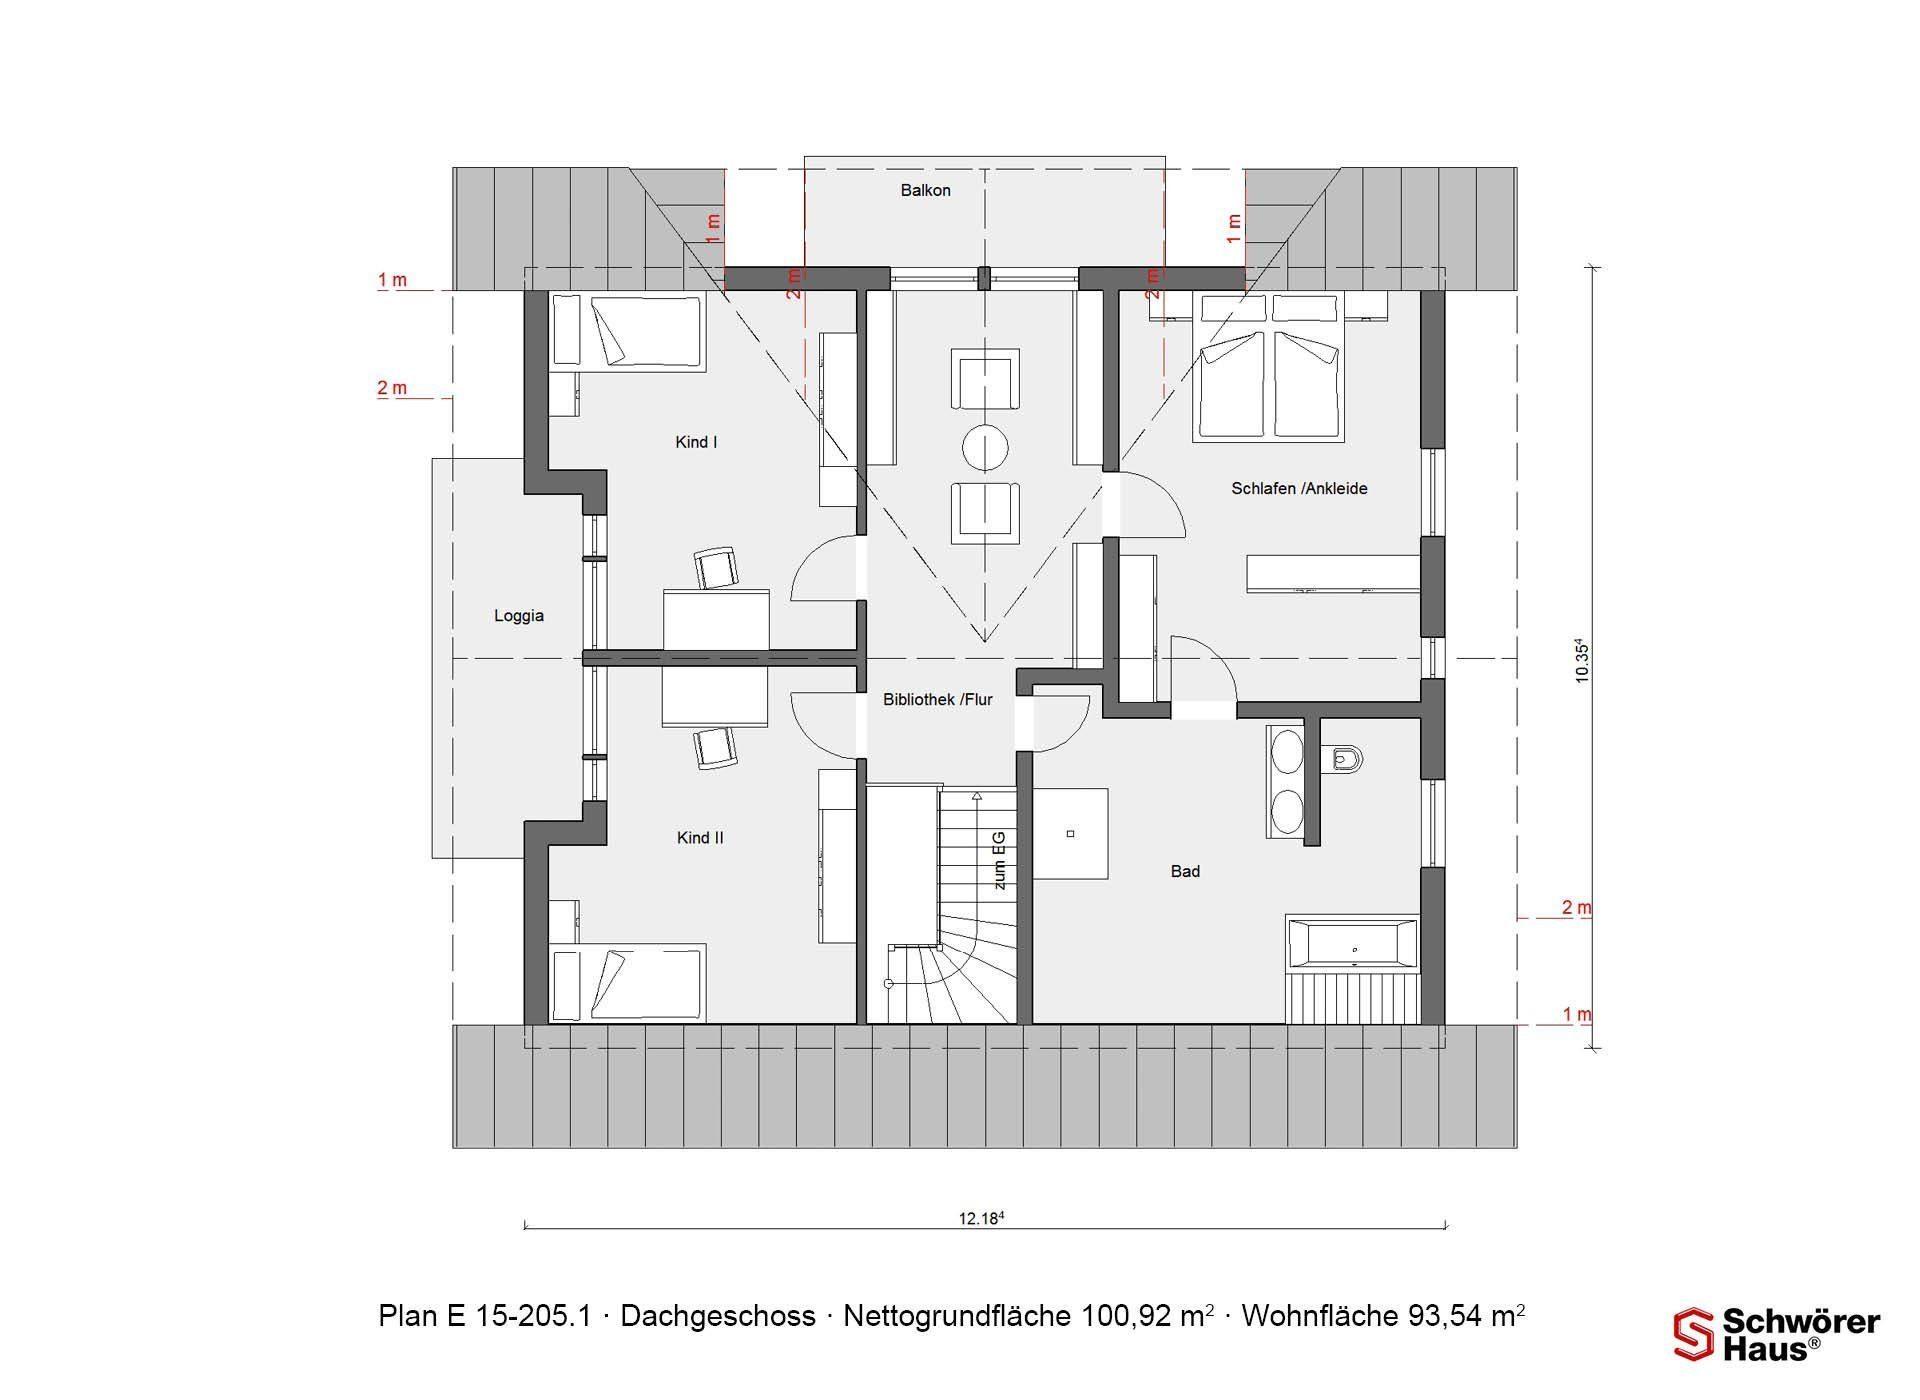 Plan E 15-193.1 - Eine Nahaufnahme von einem Logo - Gebäudeplan